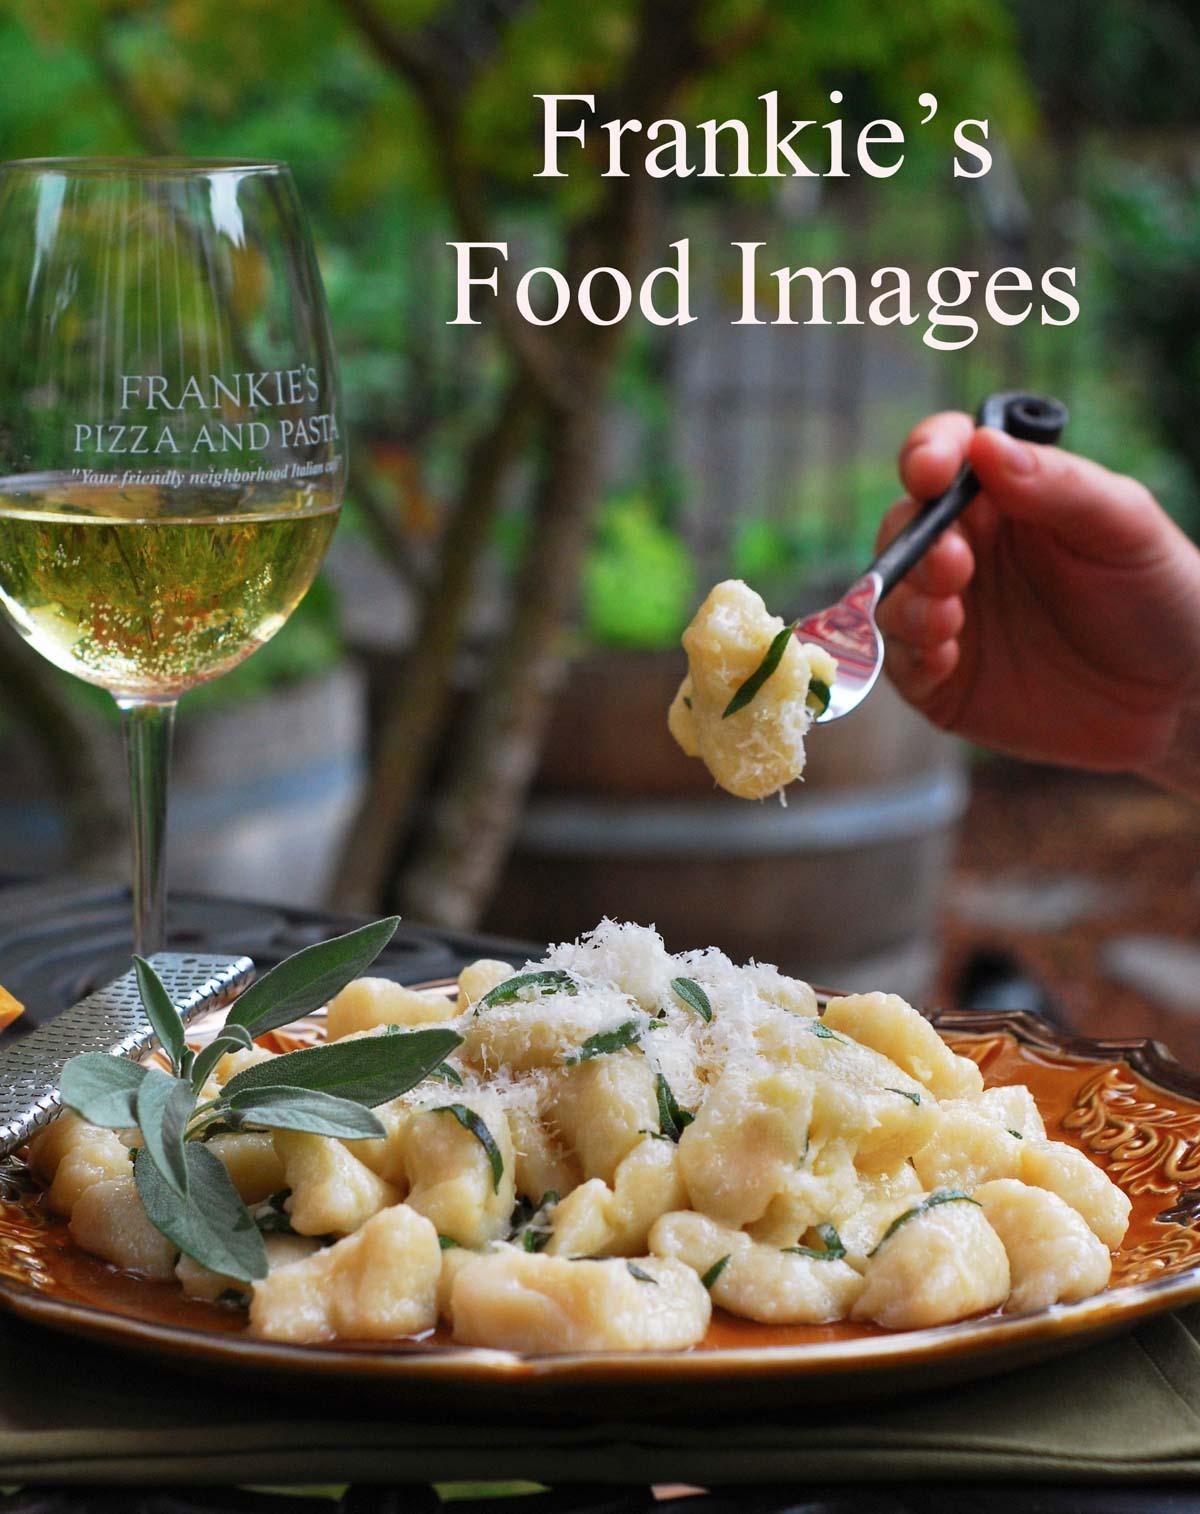 Food Images-.jpg